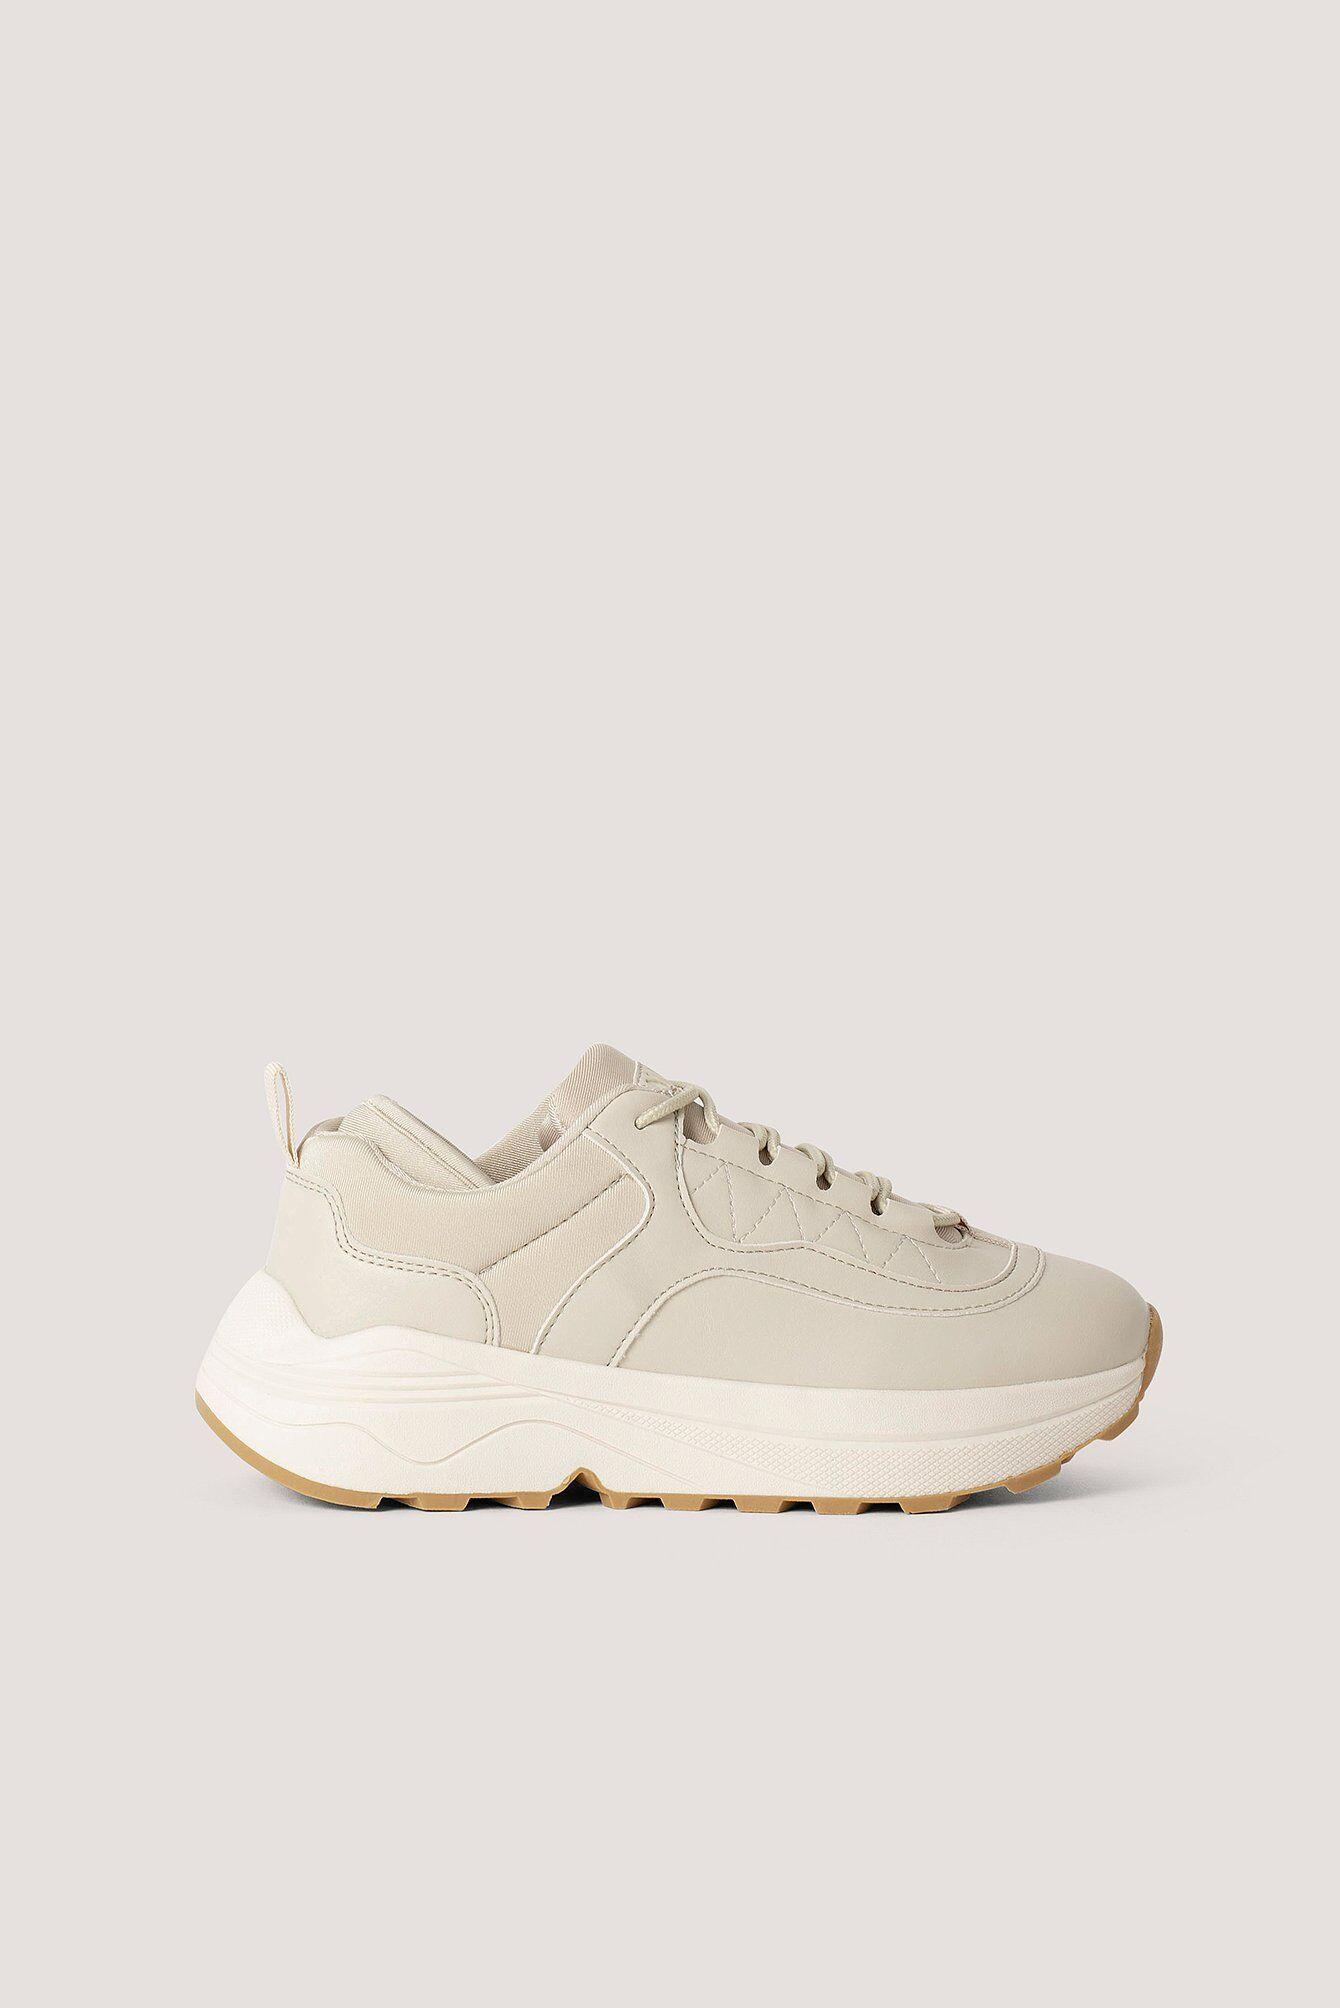 NA-KD Shoes Rounded Chunky Trainers - Beige  - Size: EU 36,EU 37,EU 38,EU 39,EU 40,EU 41